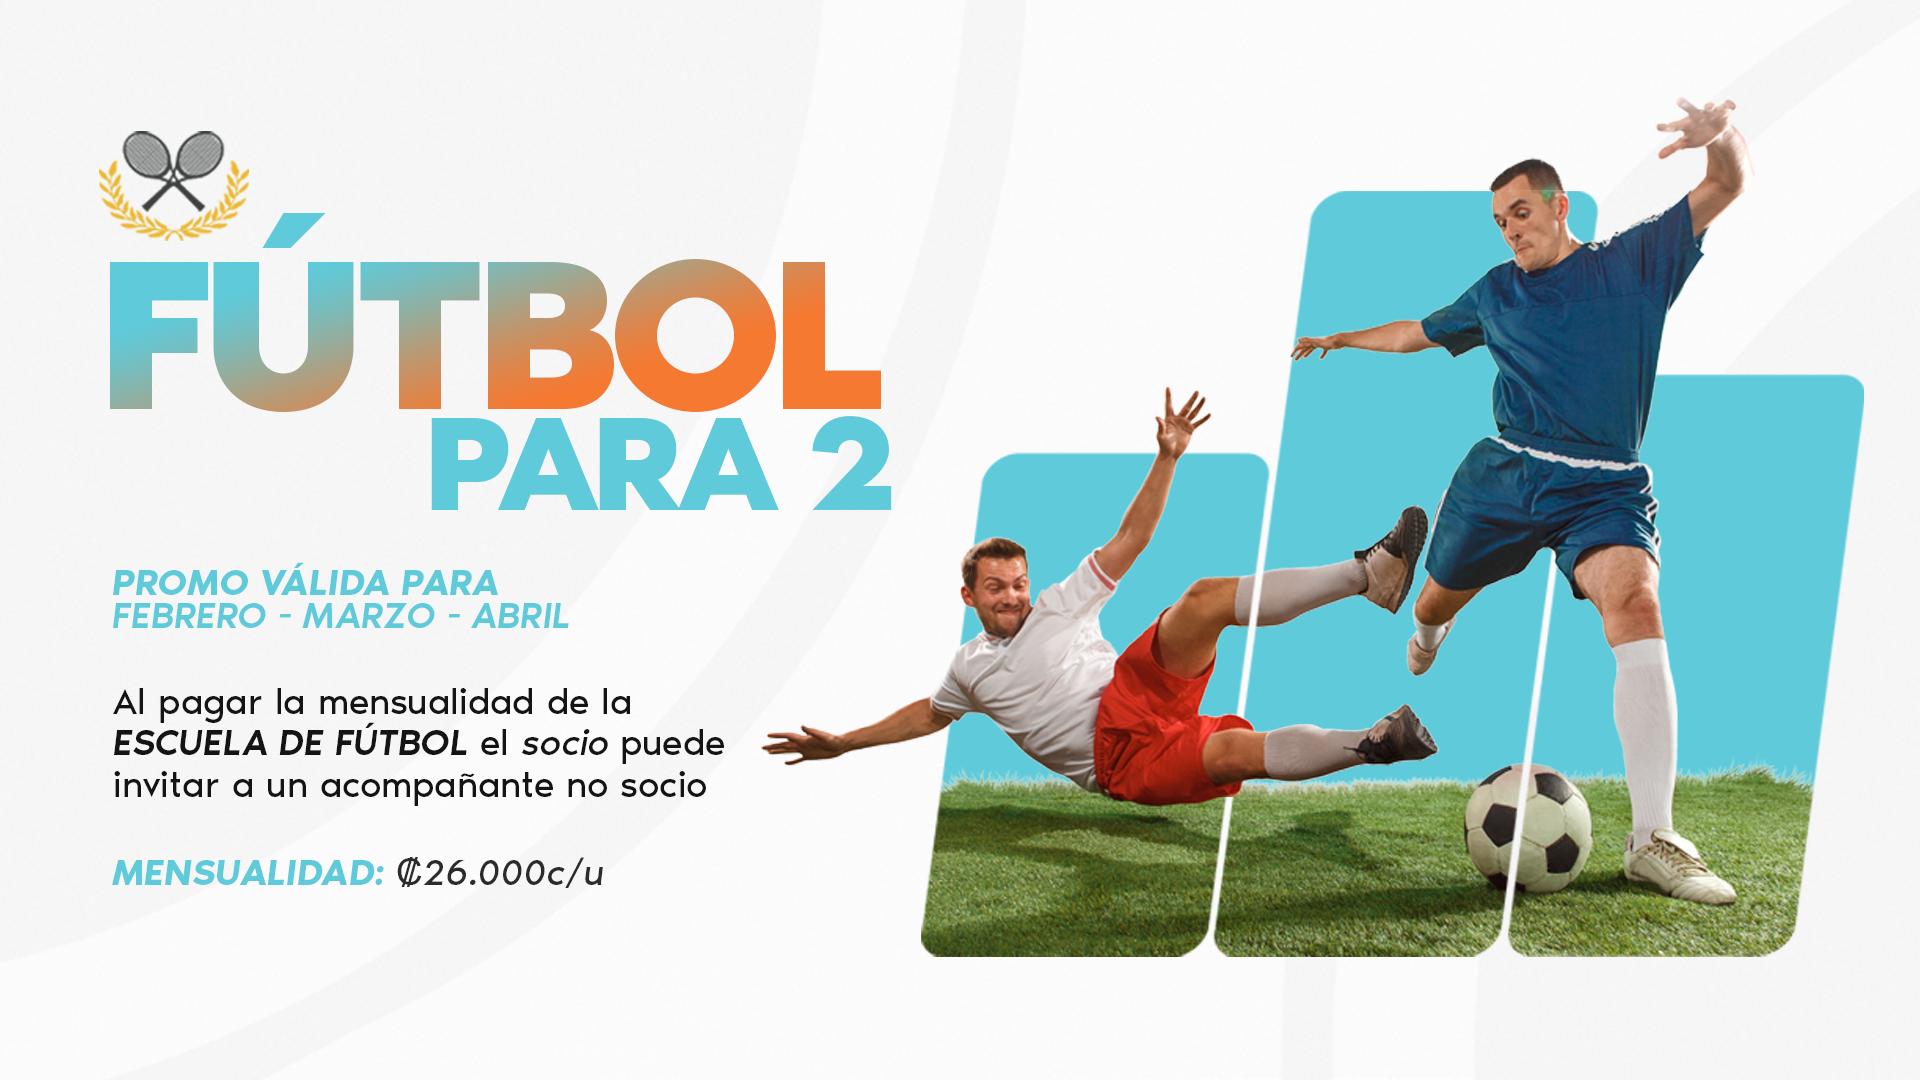 Futbol para 2